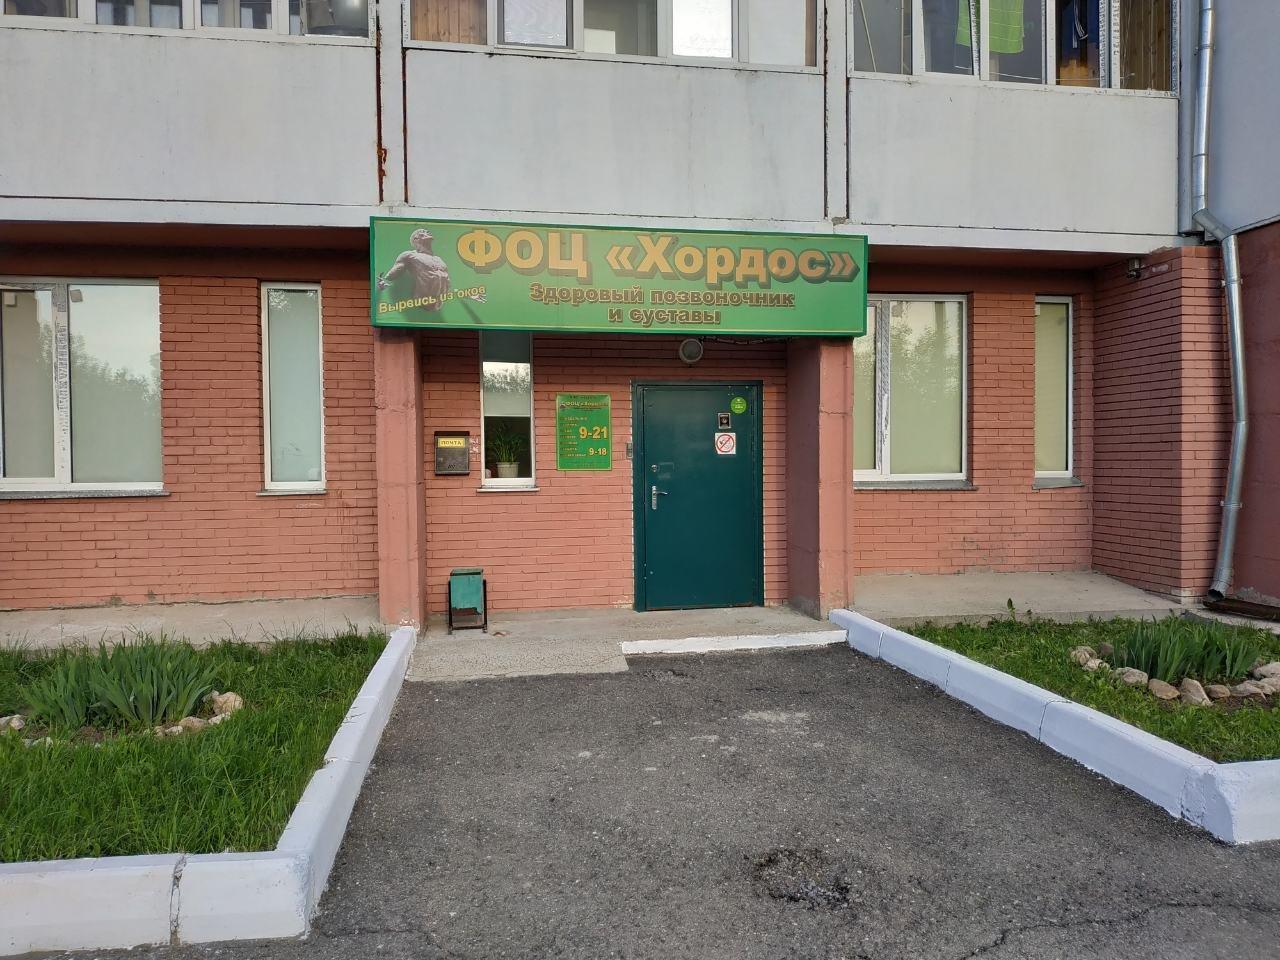 фотография Физкультурно-оздоровительного центра Хордос на улице Юрия Гагарина